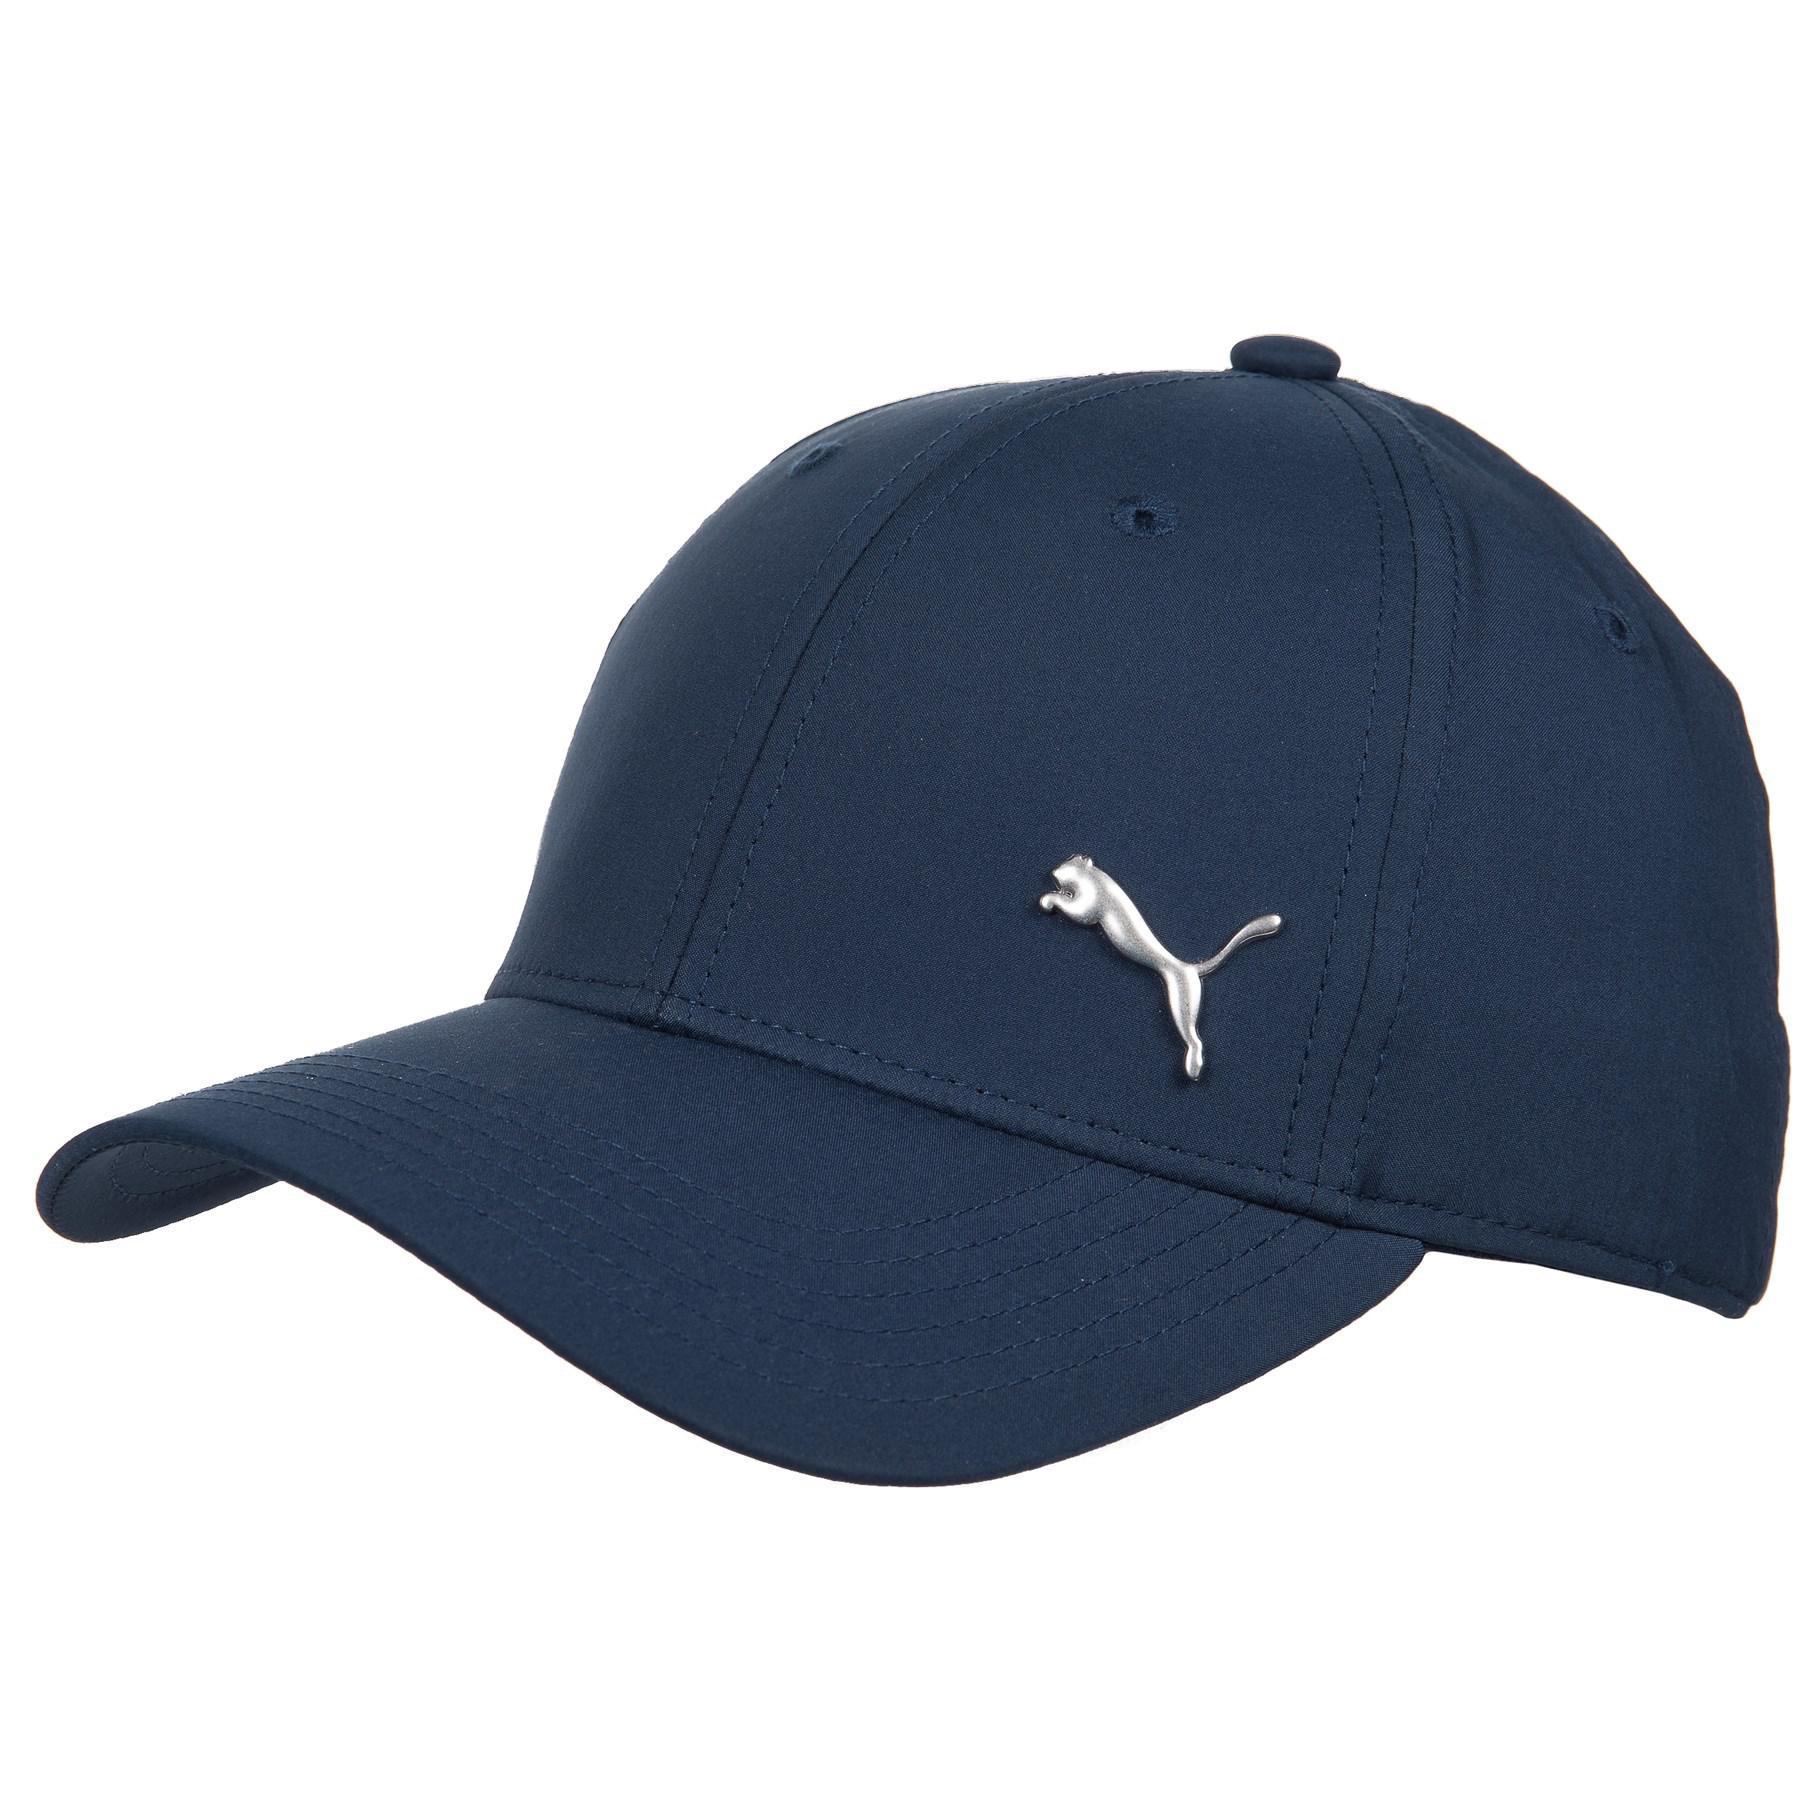 Lyst - PUMA Evercat Alloy Stretch Fit Baseball Cap (for Men) in Blue ... f49921a84cc